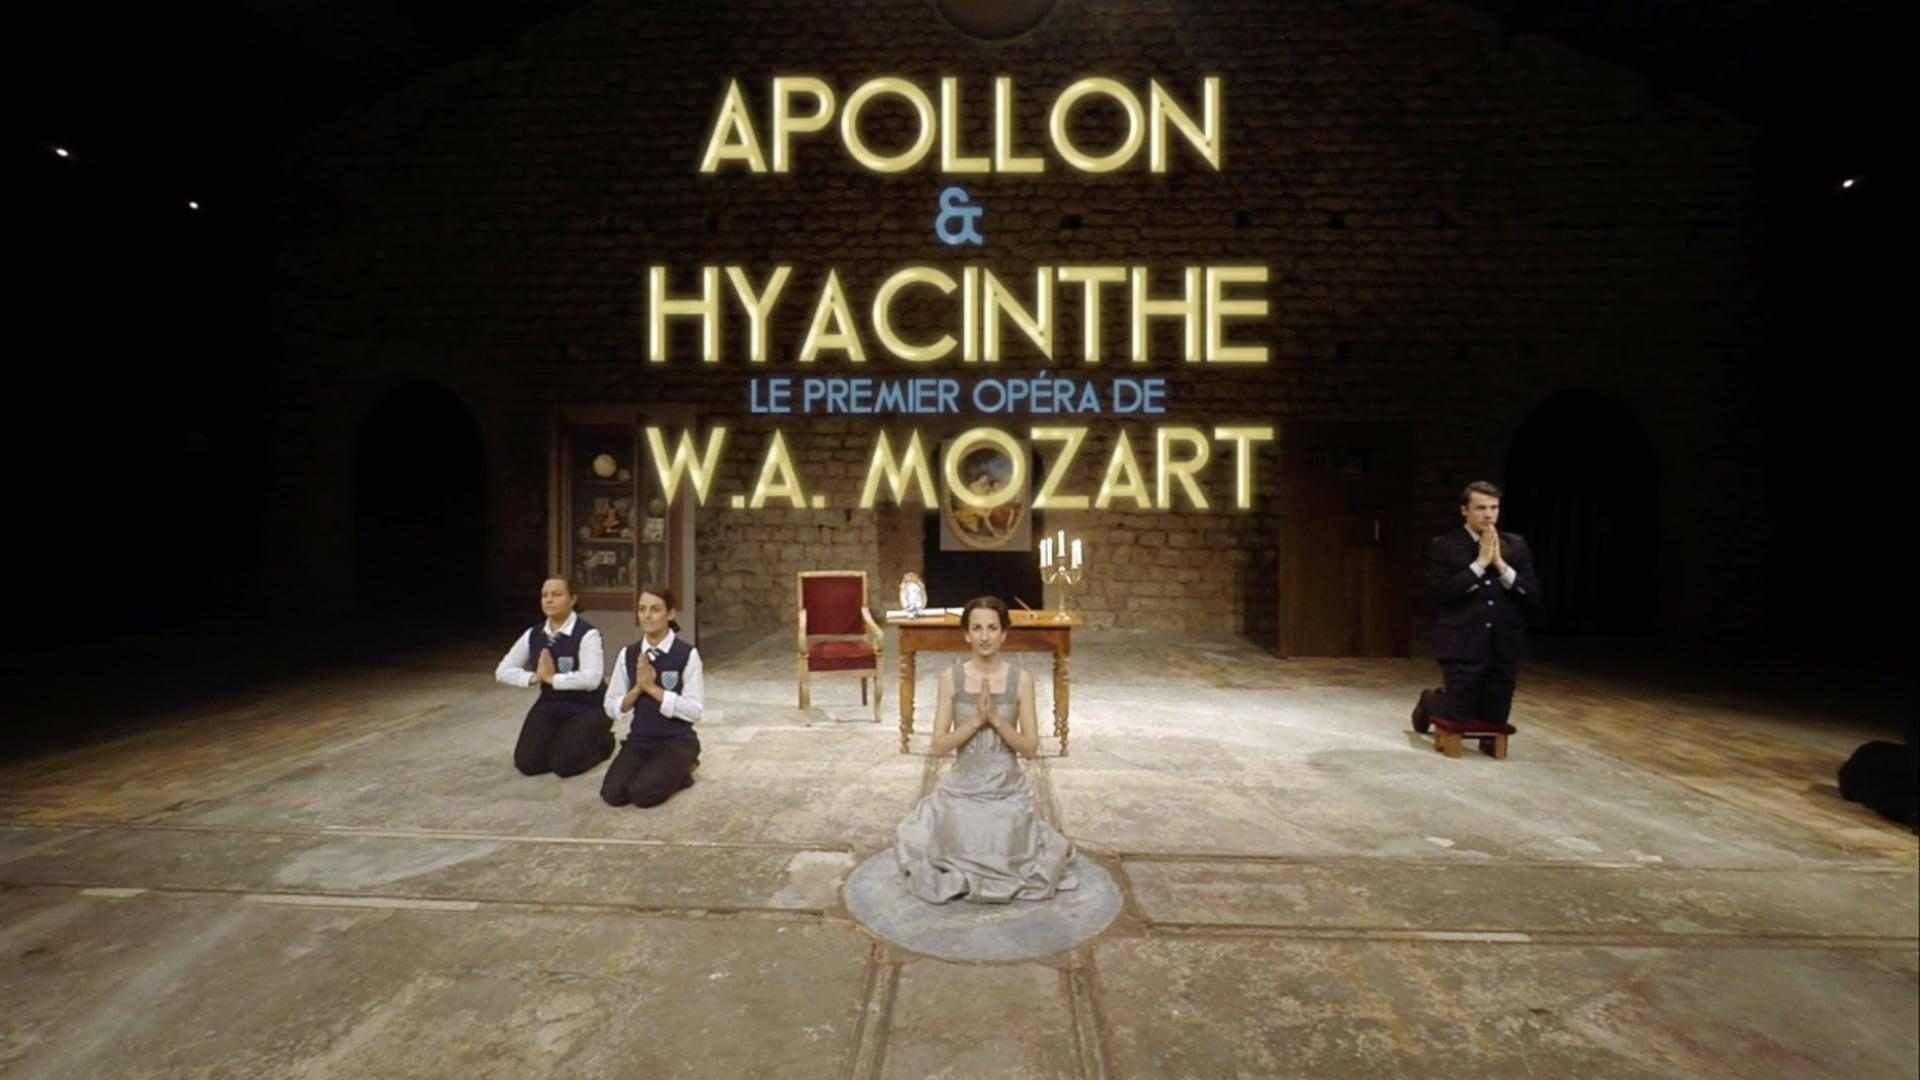 Bande Annonce Apollon & Hyacinthe de Mozart - Cie L'Opéra Pourquoi Pas ?